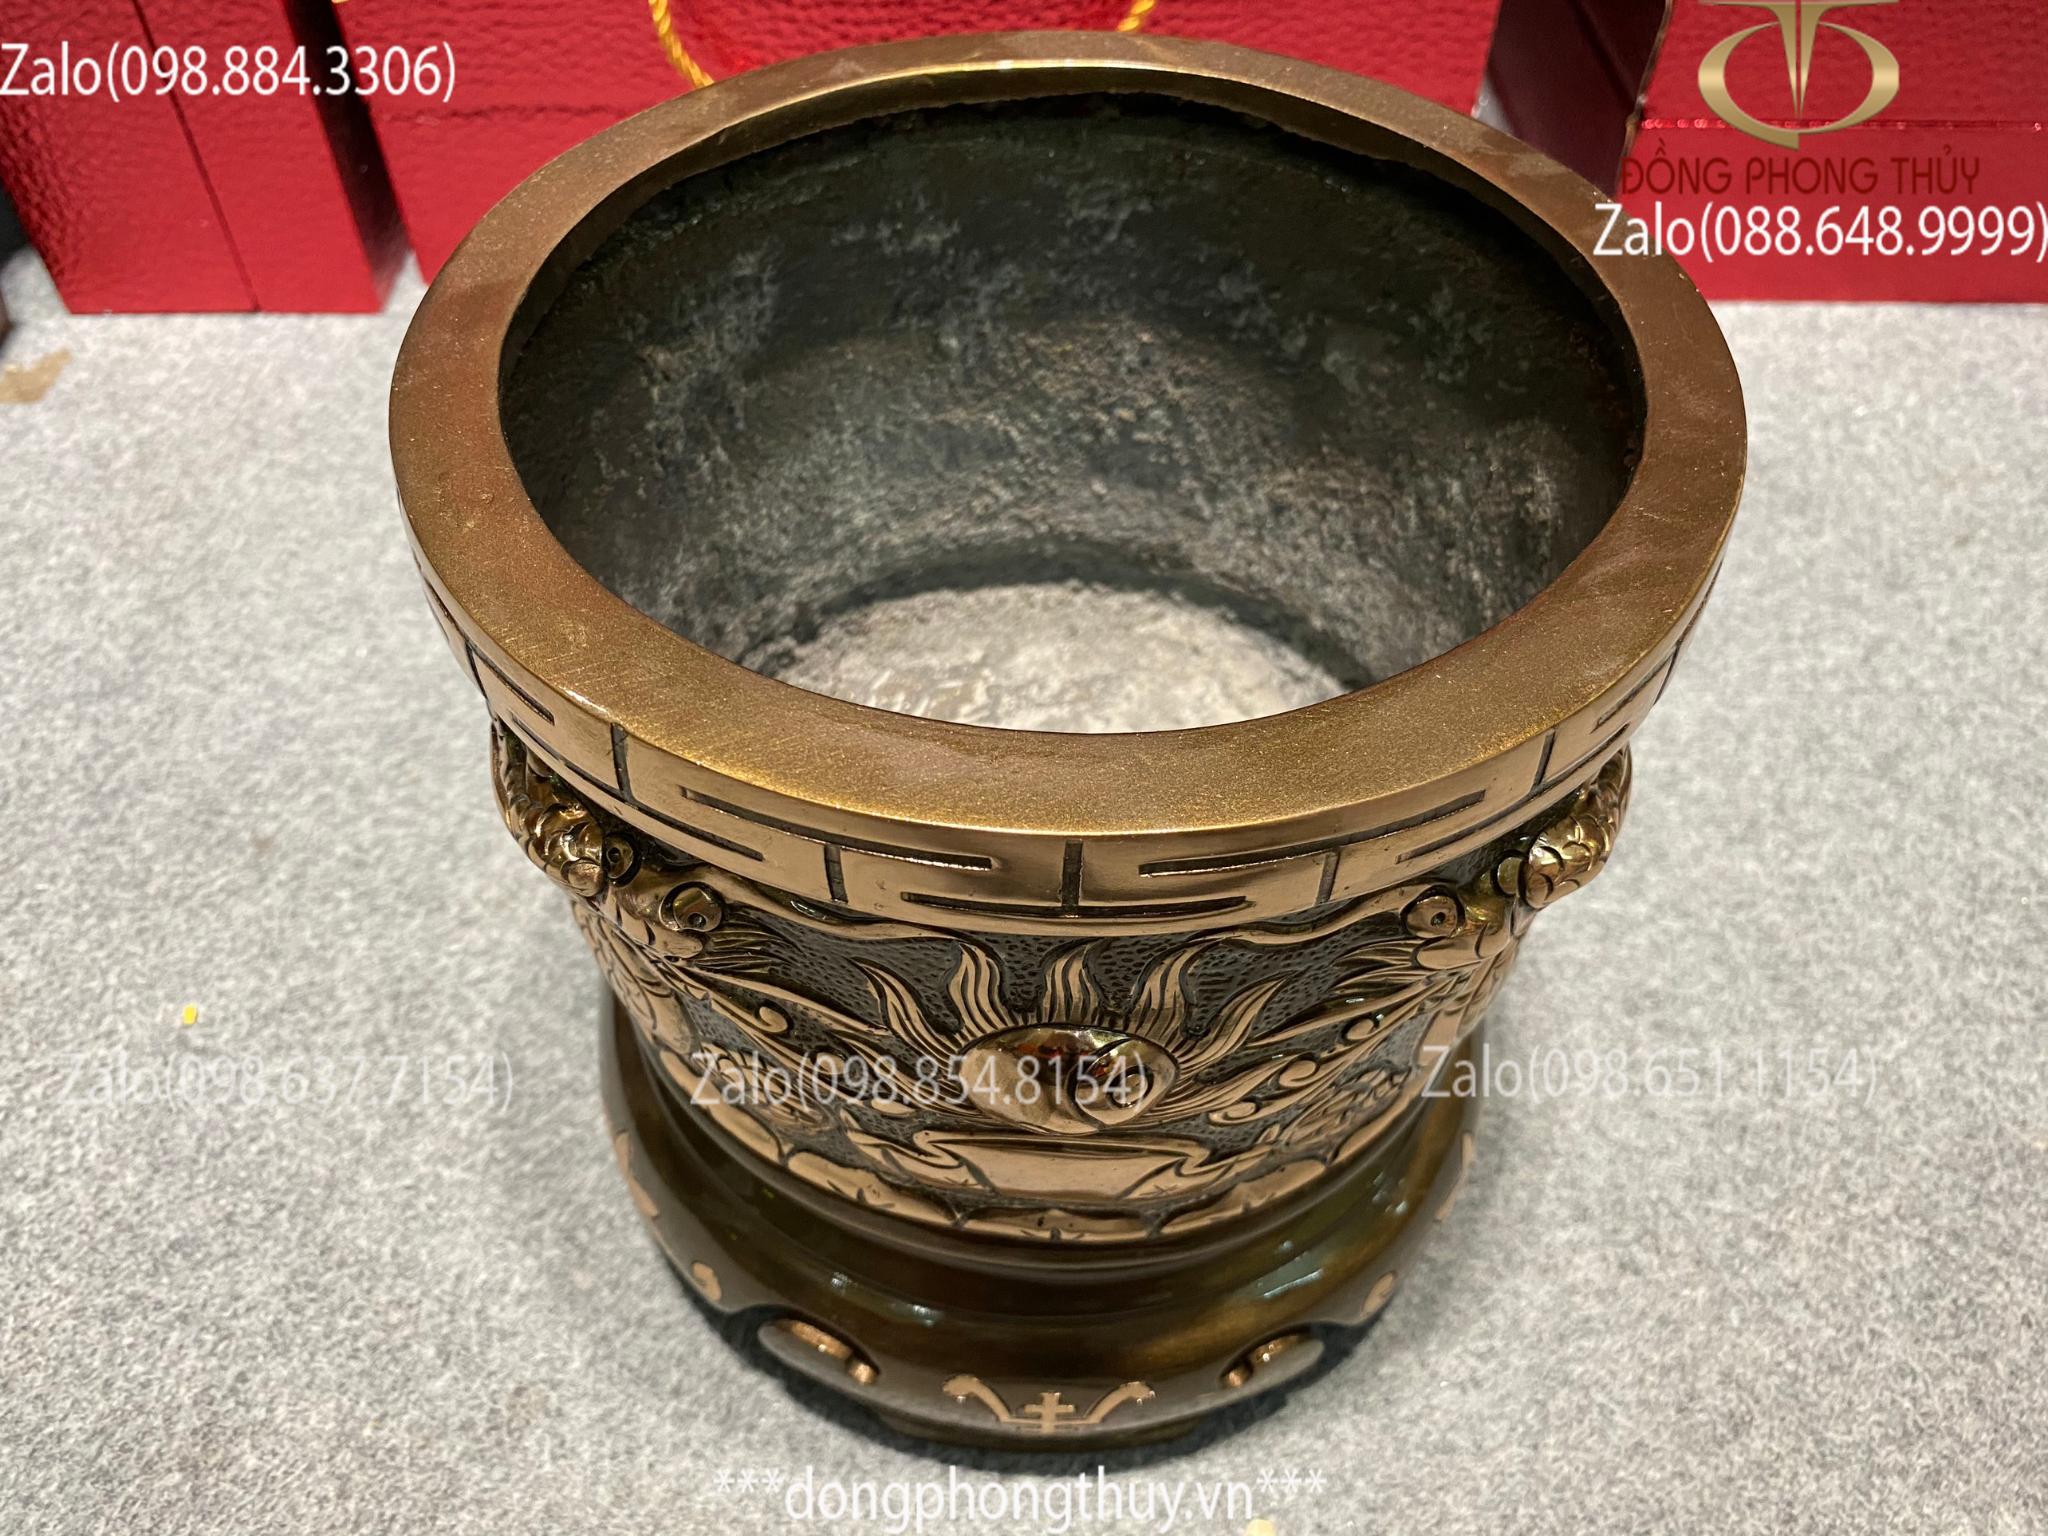 Bát hương đồng đỏ 20cm - Giá bát hương đồng